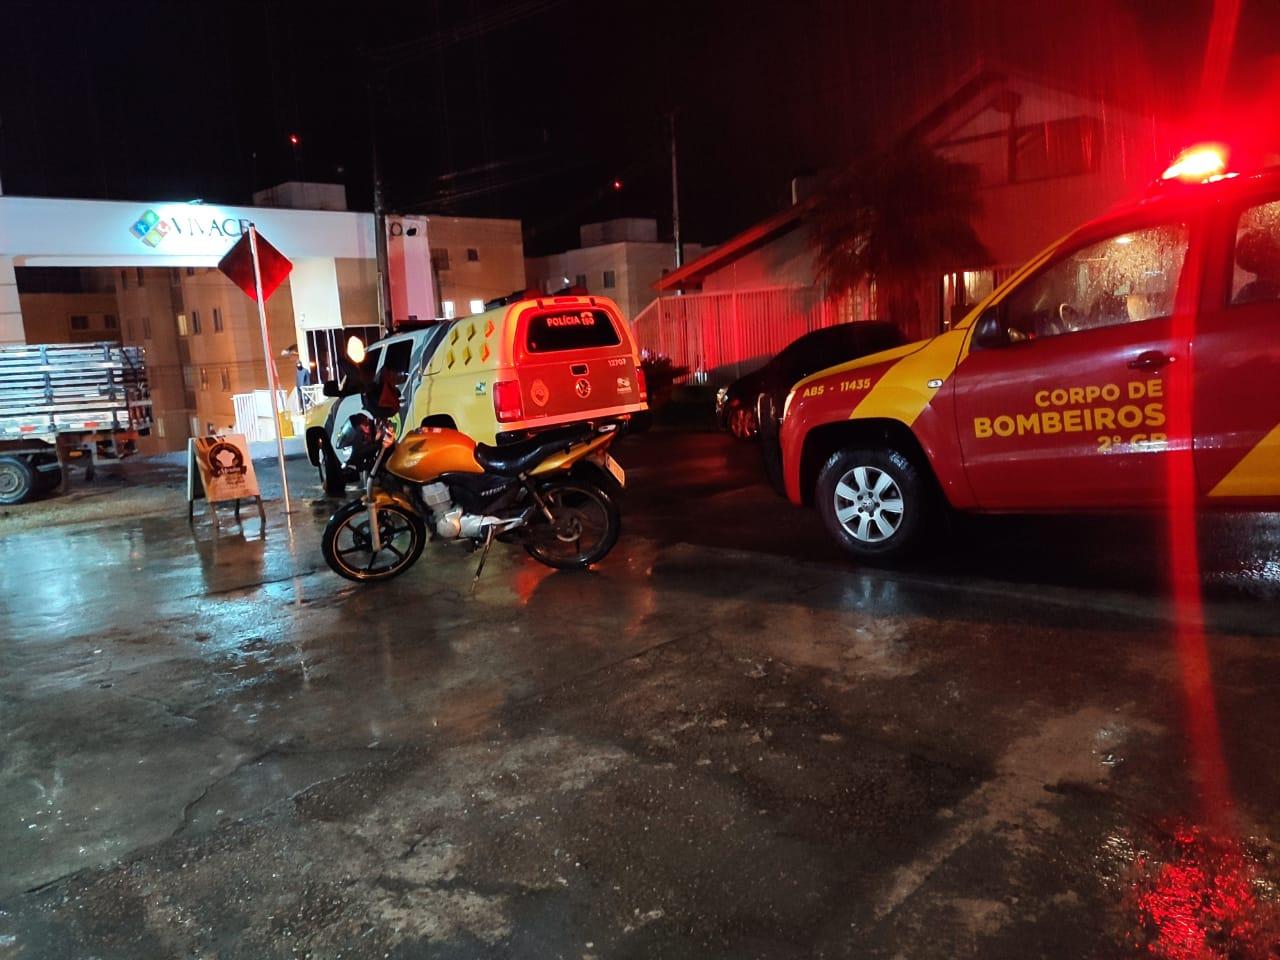 Motociclista fica ferido em colisão no Jardim dos Bancários